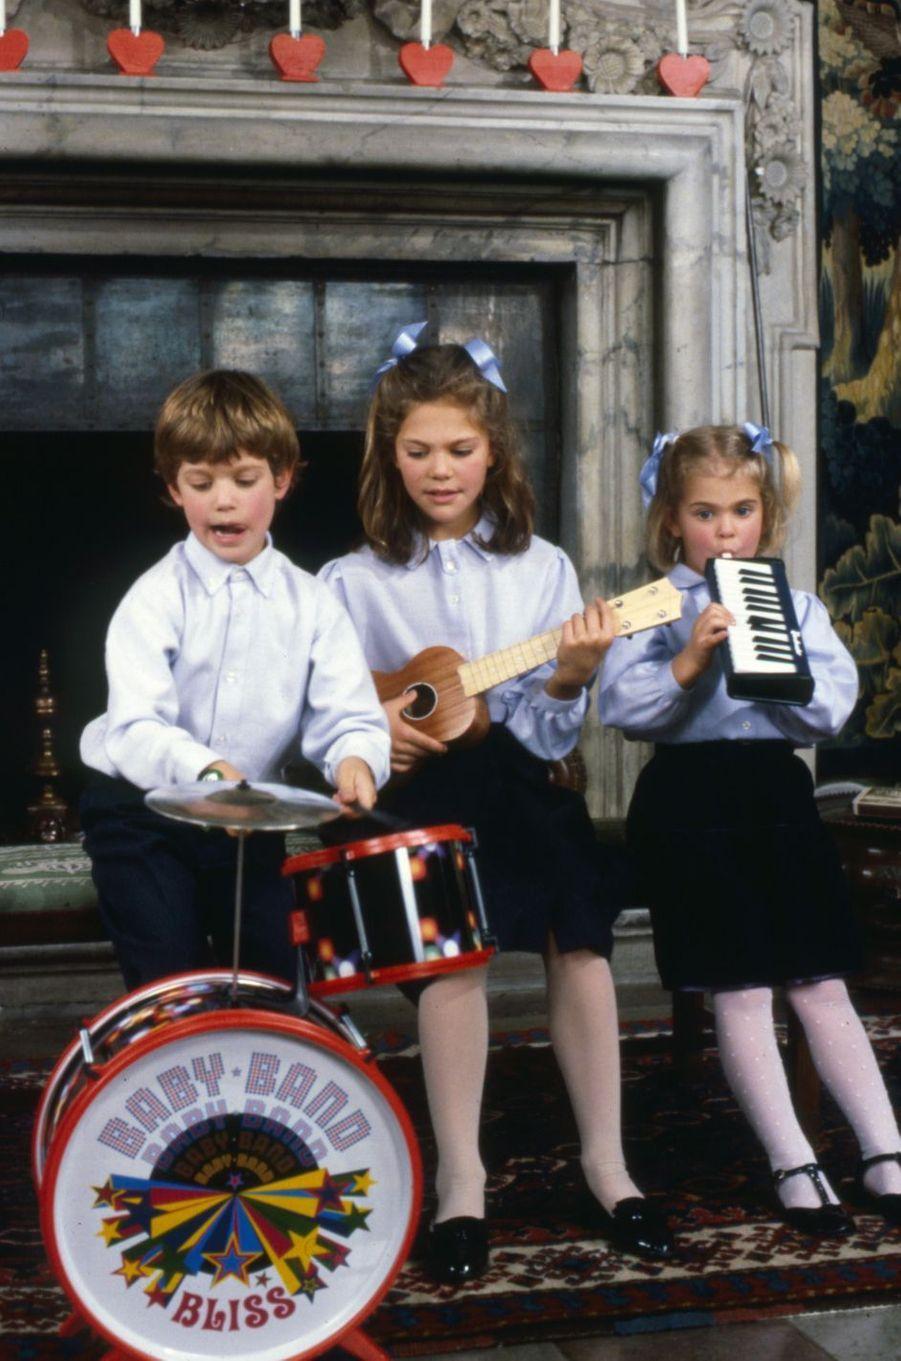 La princesse Madeleine de Suède avec sa soeur et son frère à Noël 1988